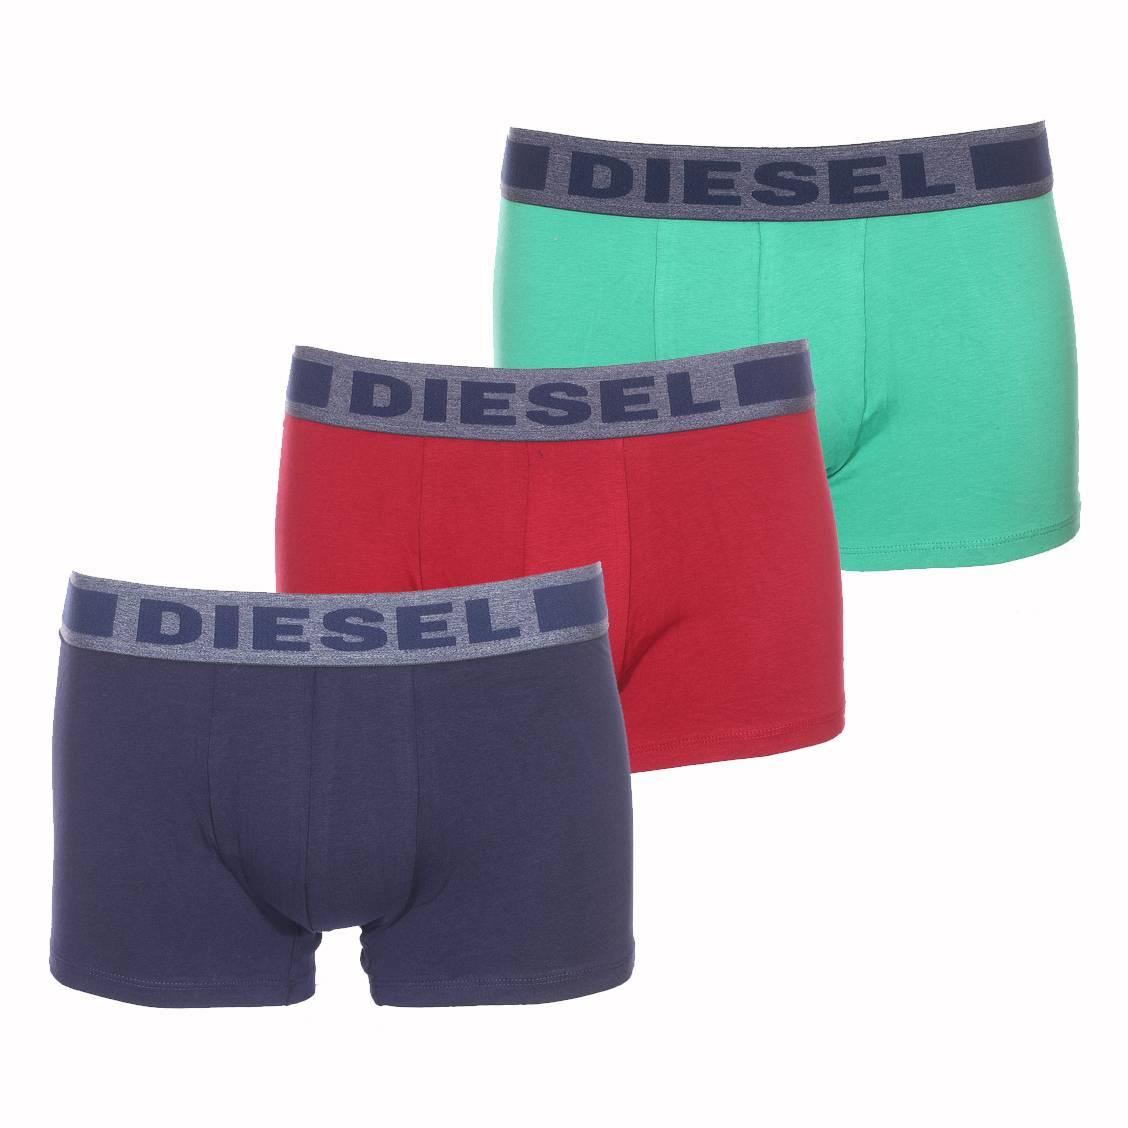 Lot de 3 boxers diesel damien en coton stretch vert, bordeaux et bleu marine